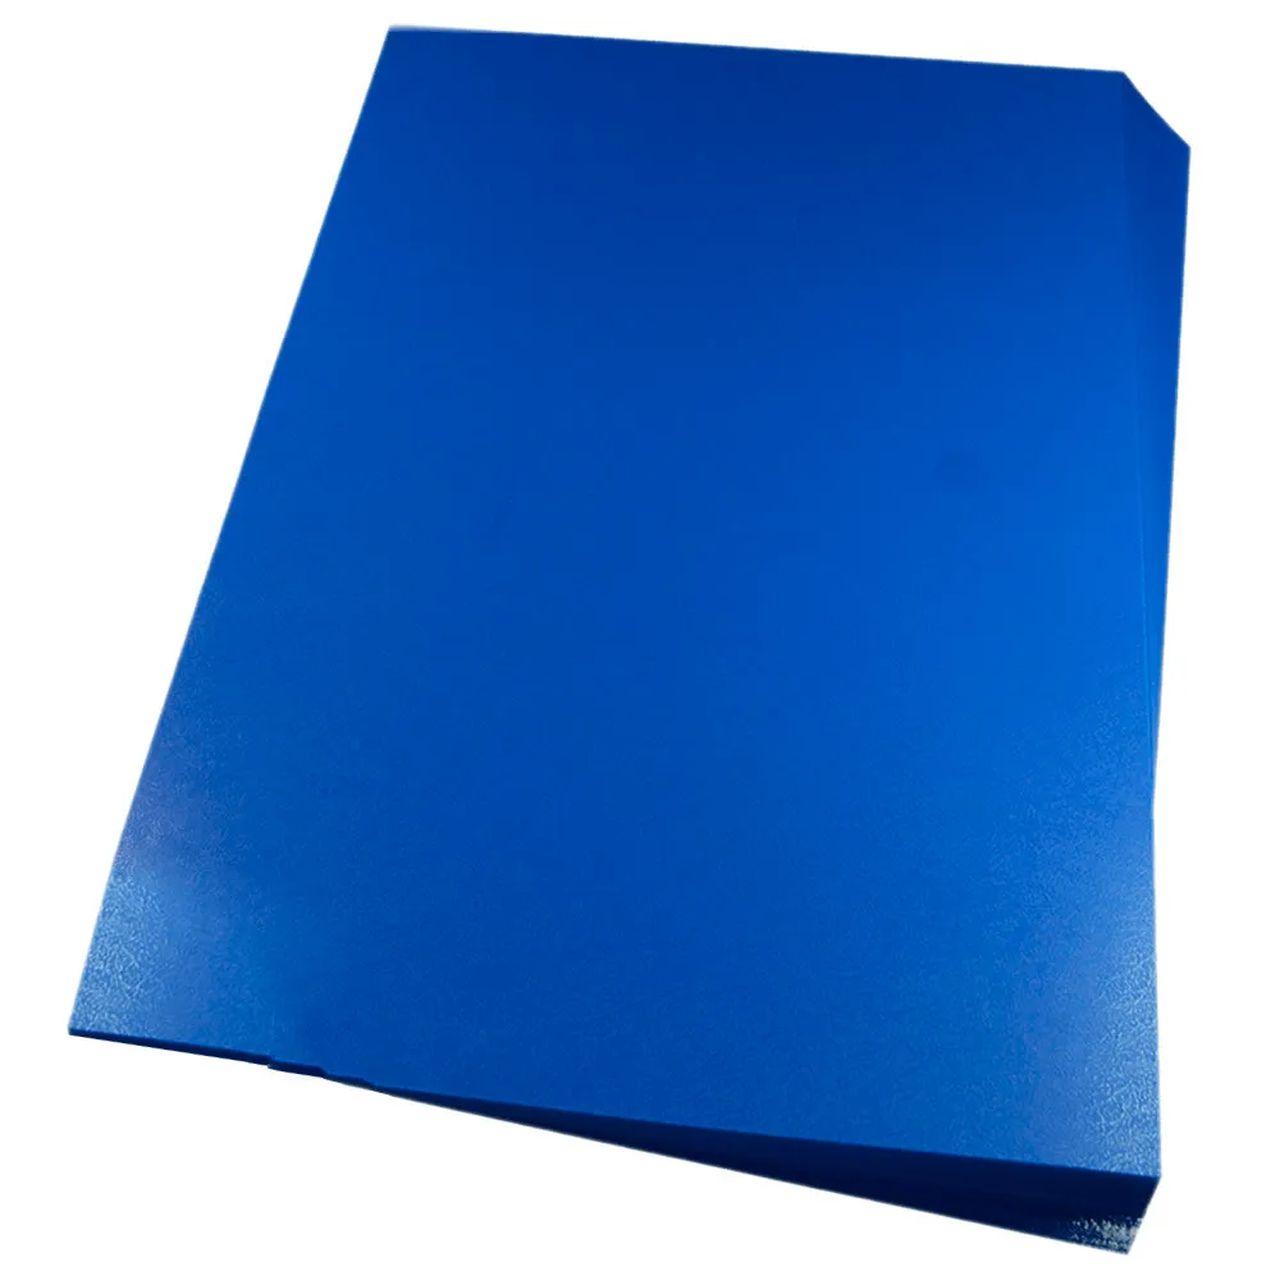 Capa para encadernação A3 Azul PP Couro 0,30mm 100un